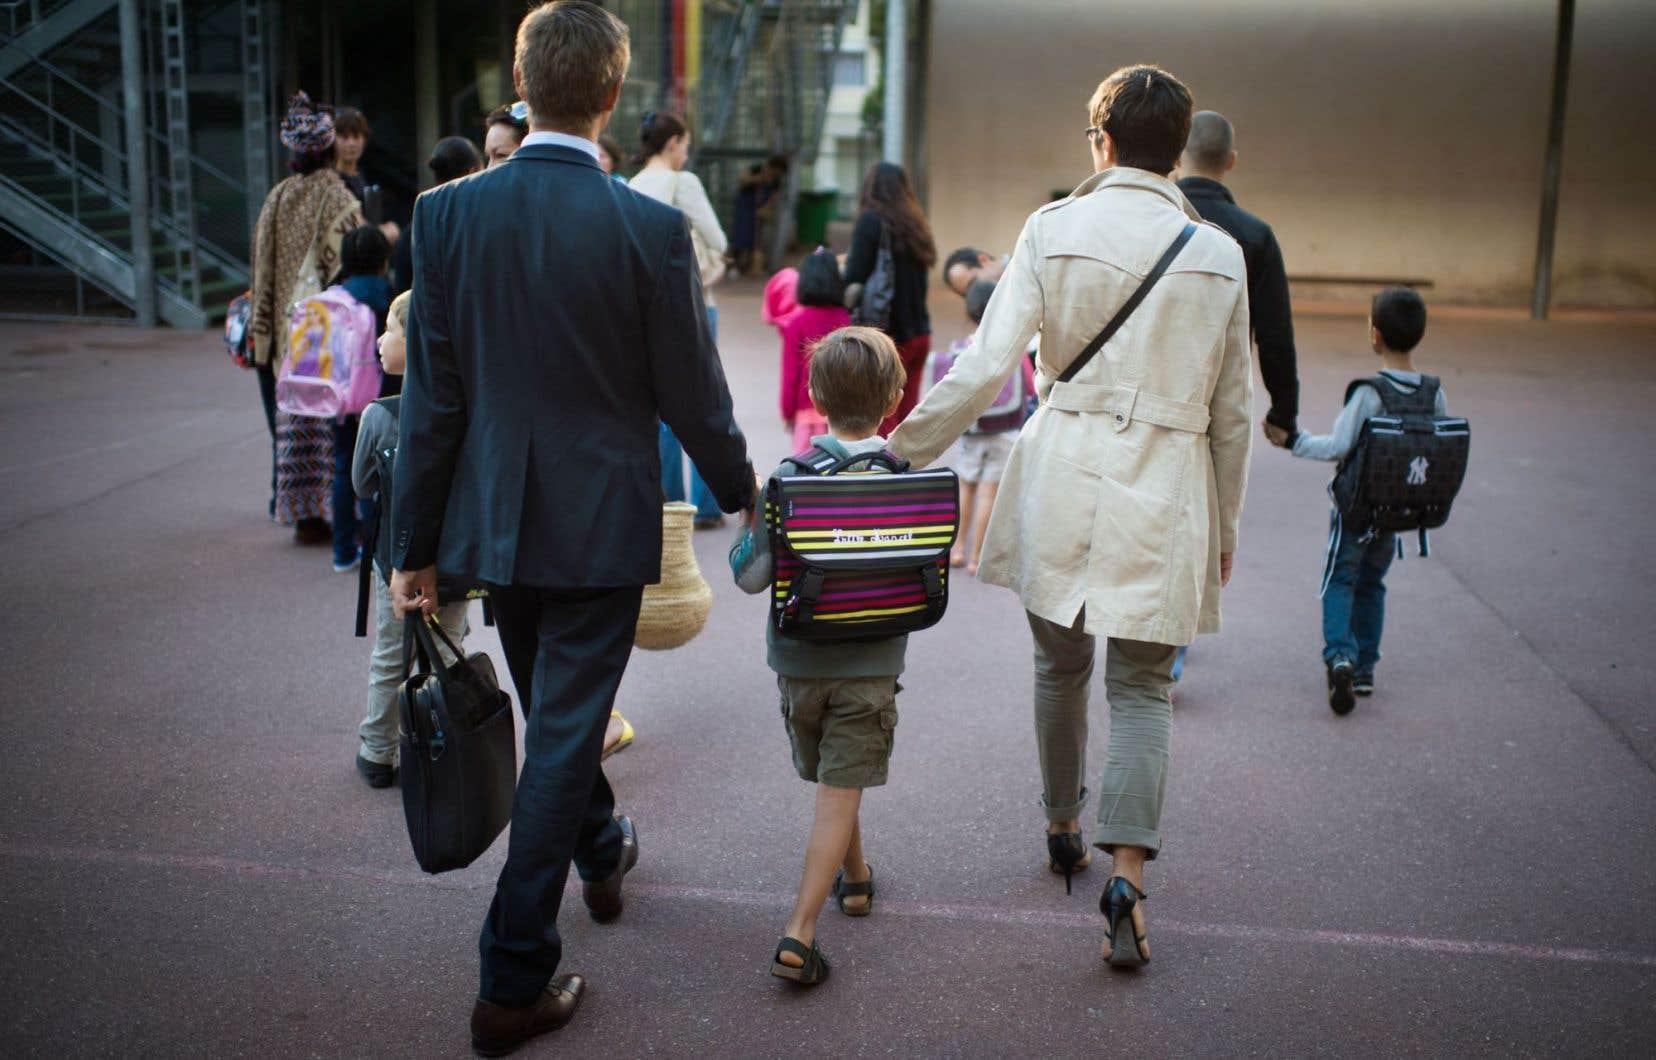 Si les enfants ont été habitués à écouter et à comprendre autrui, s'ils ont intégré au plus tôt les règles de respect et de politesse, s'ils ont une vision positive de leur environnement, ils seront des adultes qui bâtissent un avenir pour la société.